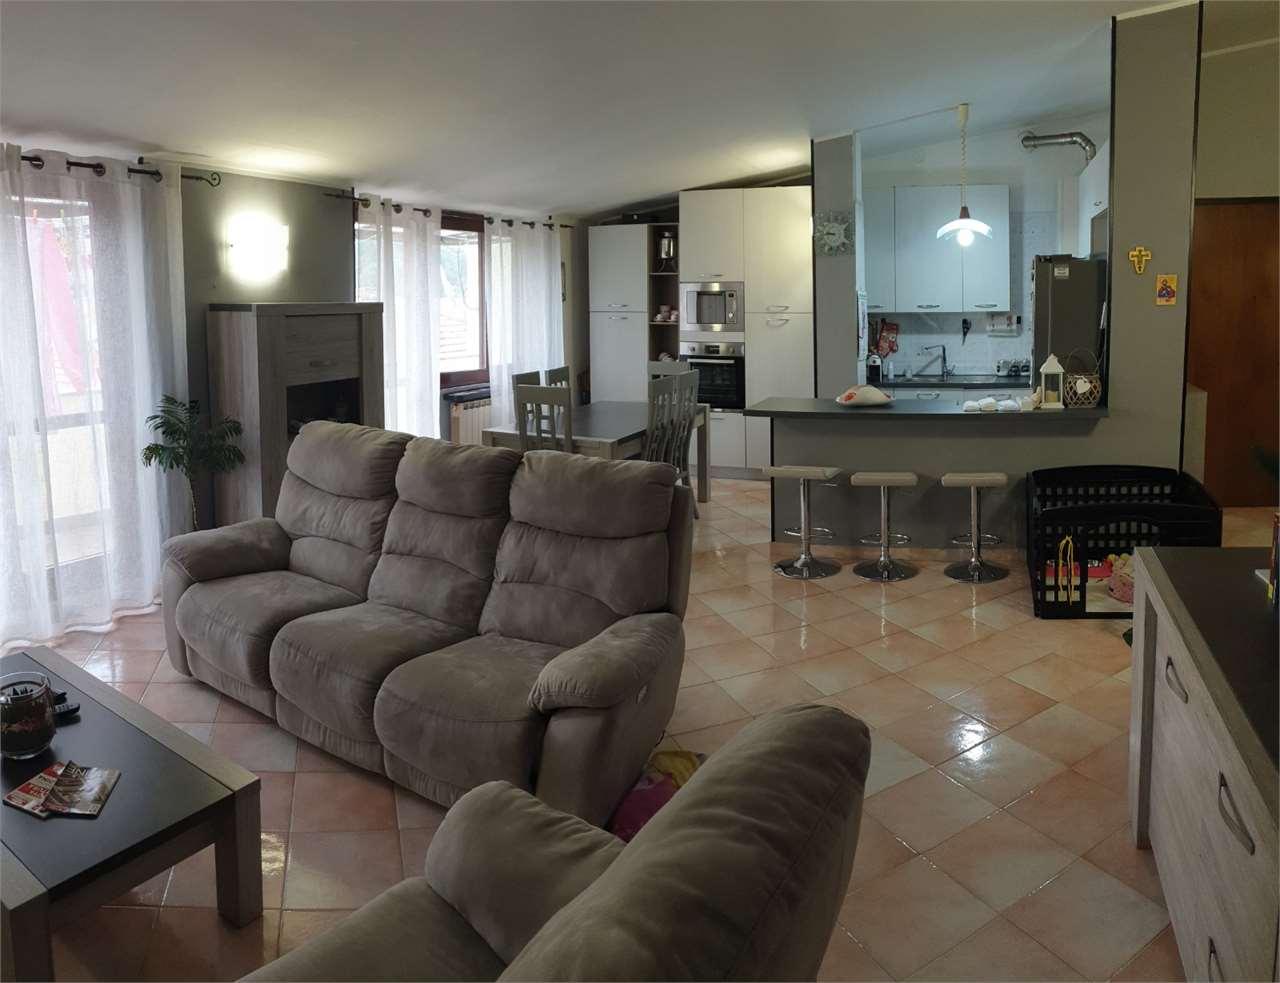 Appartamento in vendita a Pella, 3 locali, zona Zona: Alzo, prezzo € 95.000 | CambioCasa.it